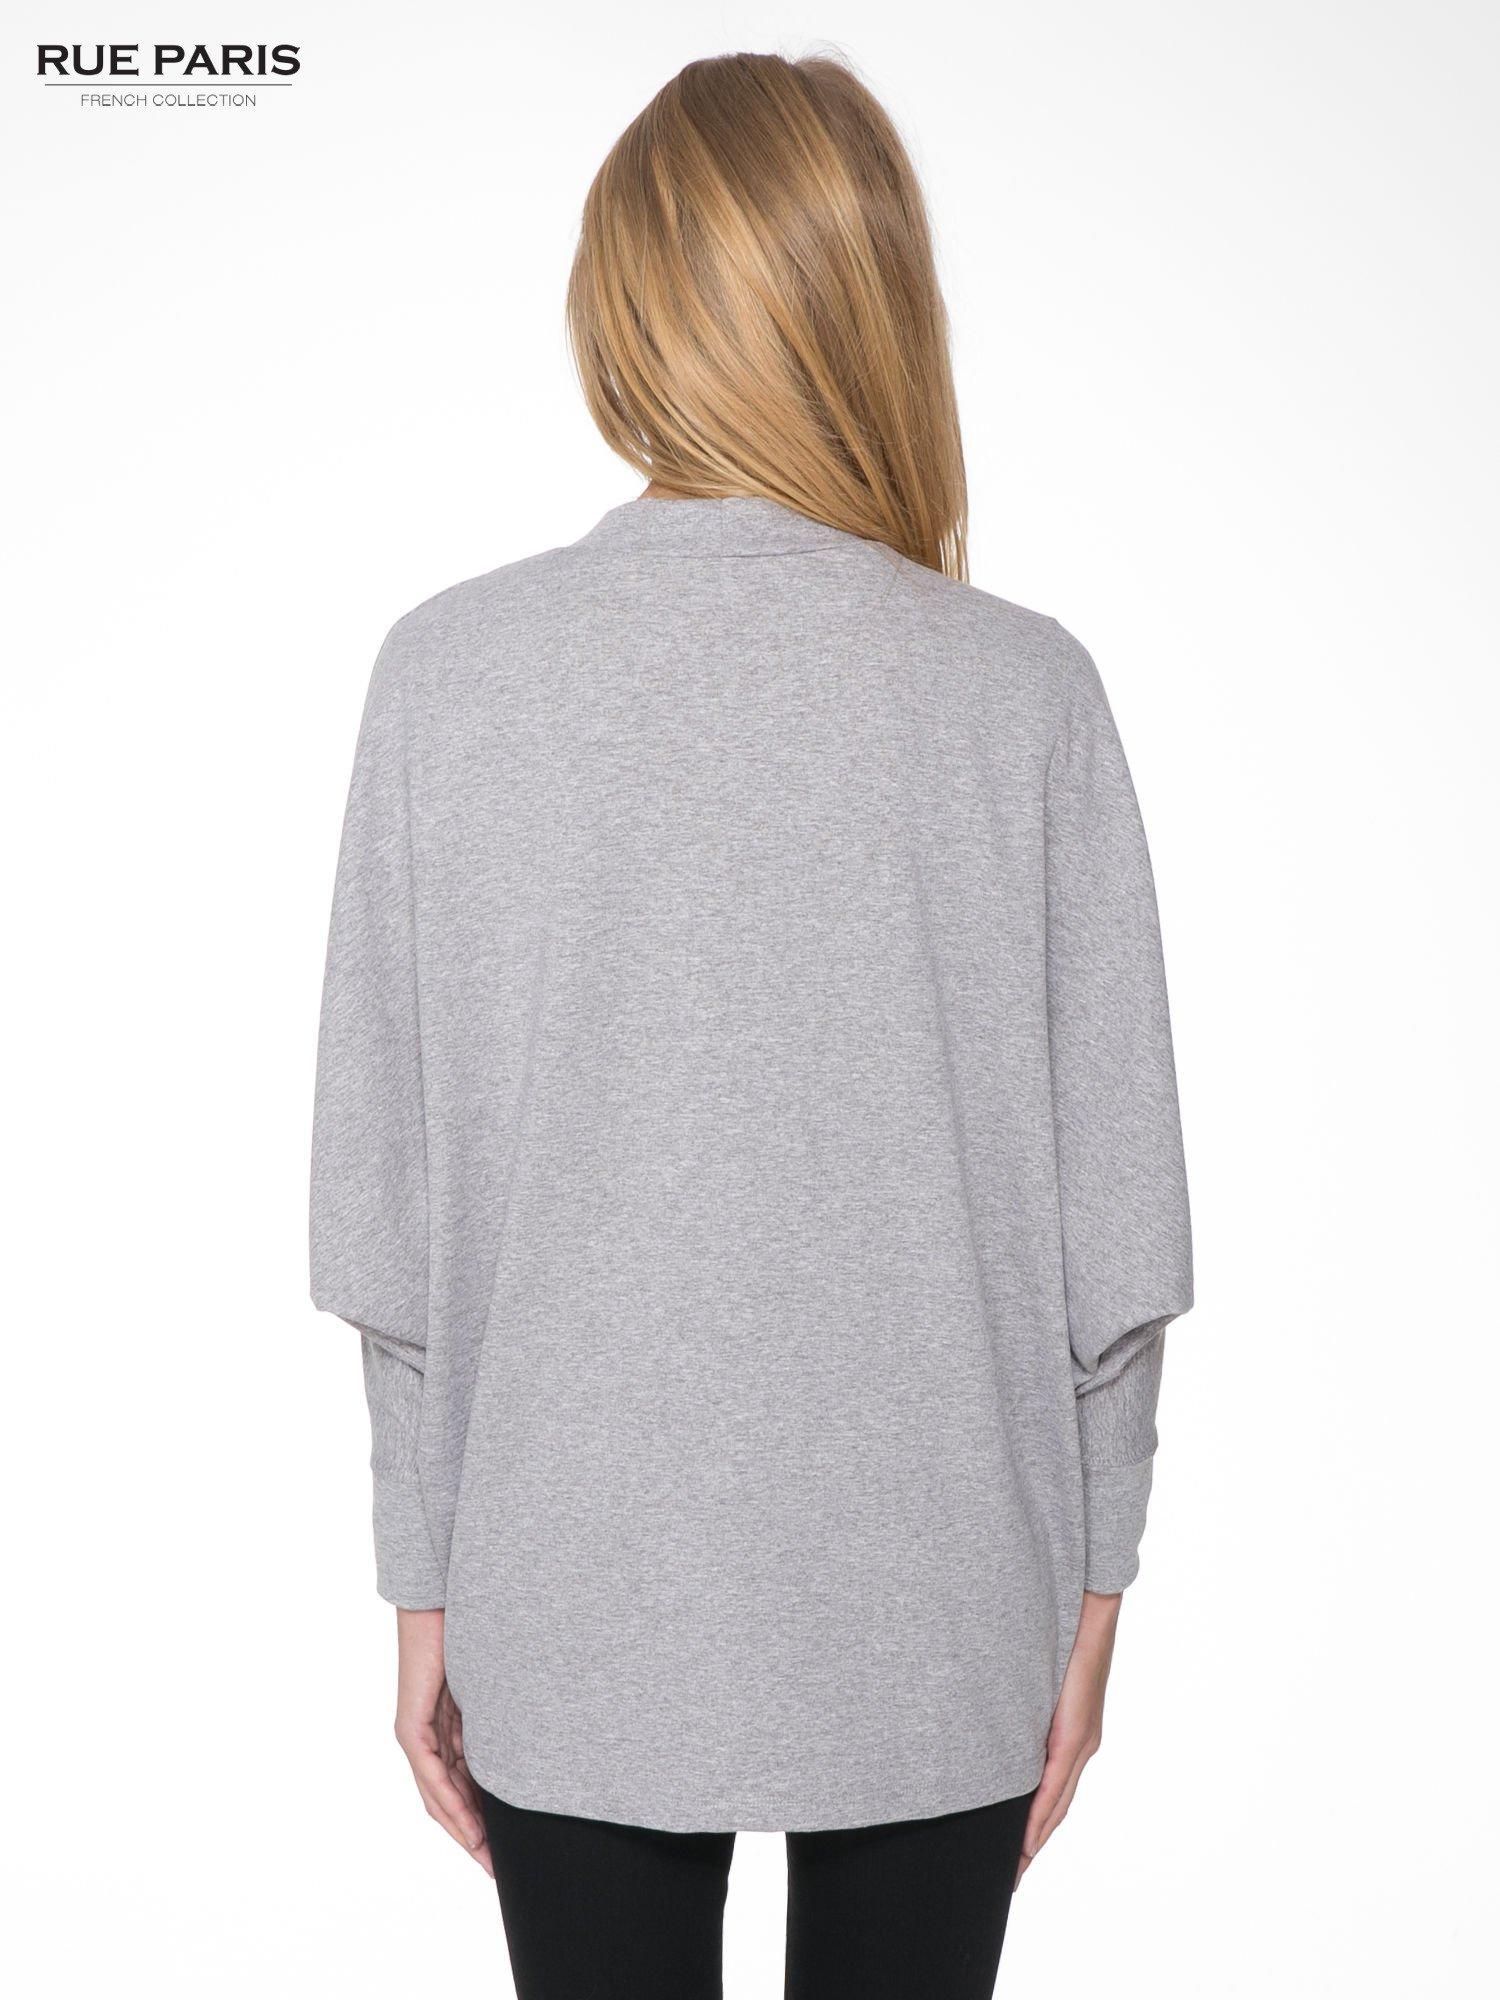 Jasnoszara dresowa otwarta bluza z nietoperzowymi rękawami                                  zdj.                                  4